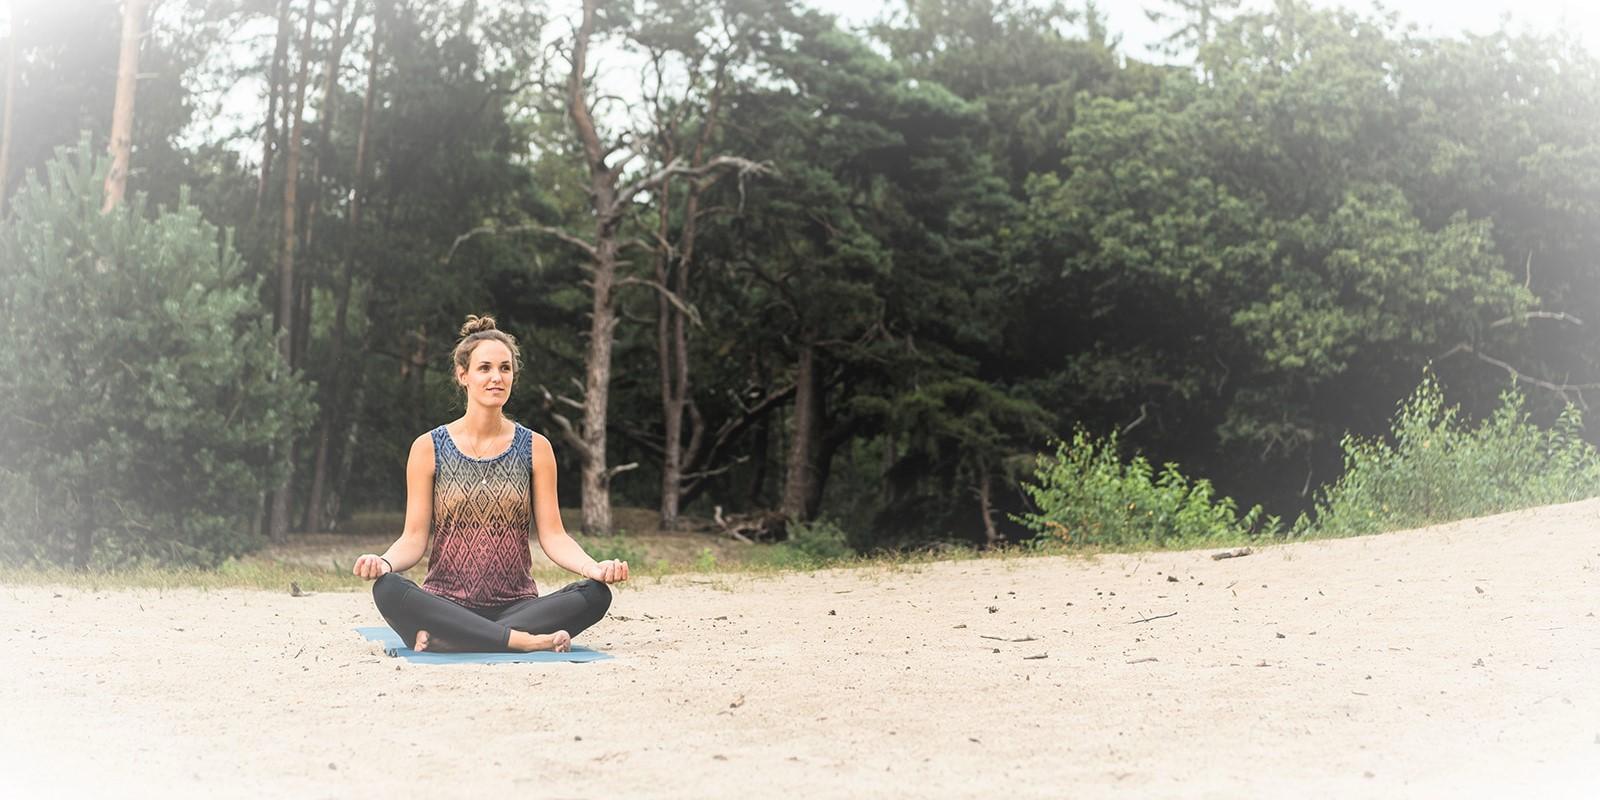 yoga oefeningen voor verbinding met natuur2